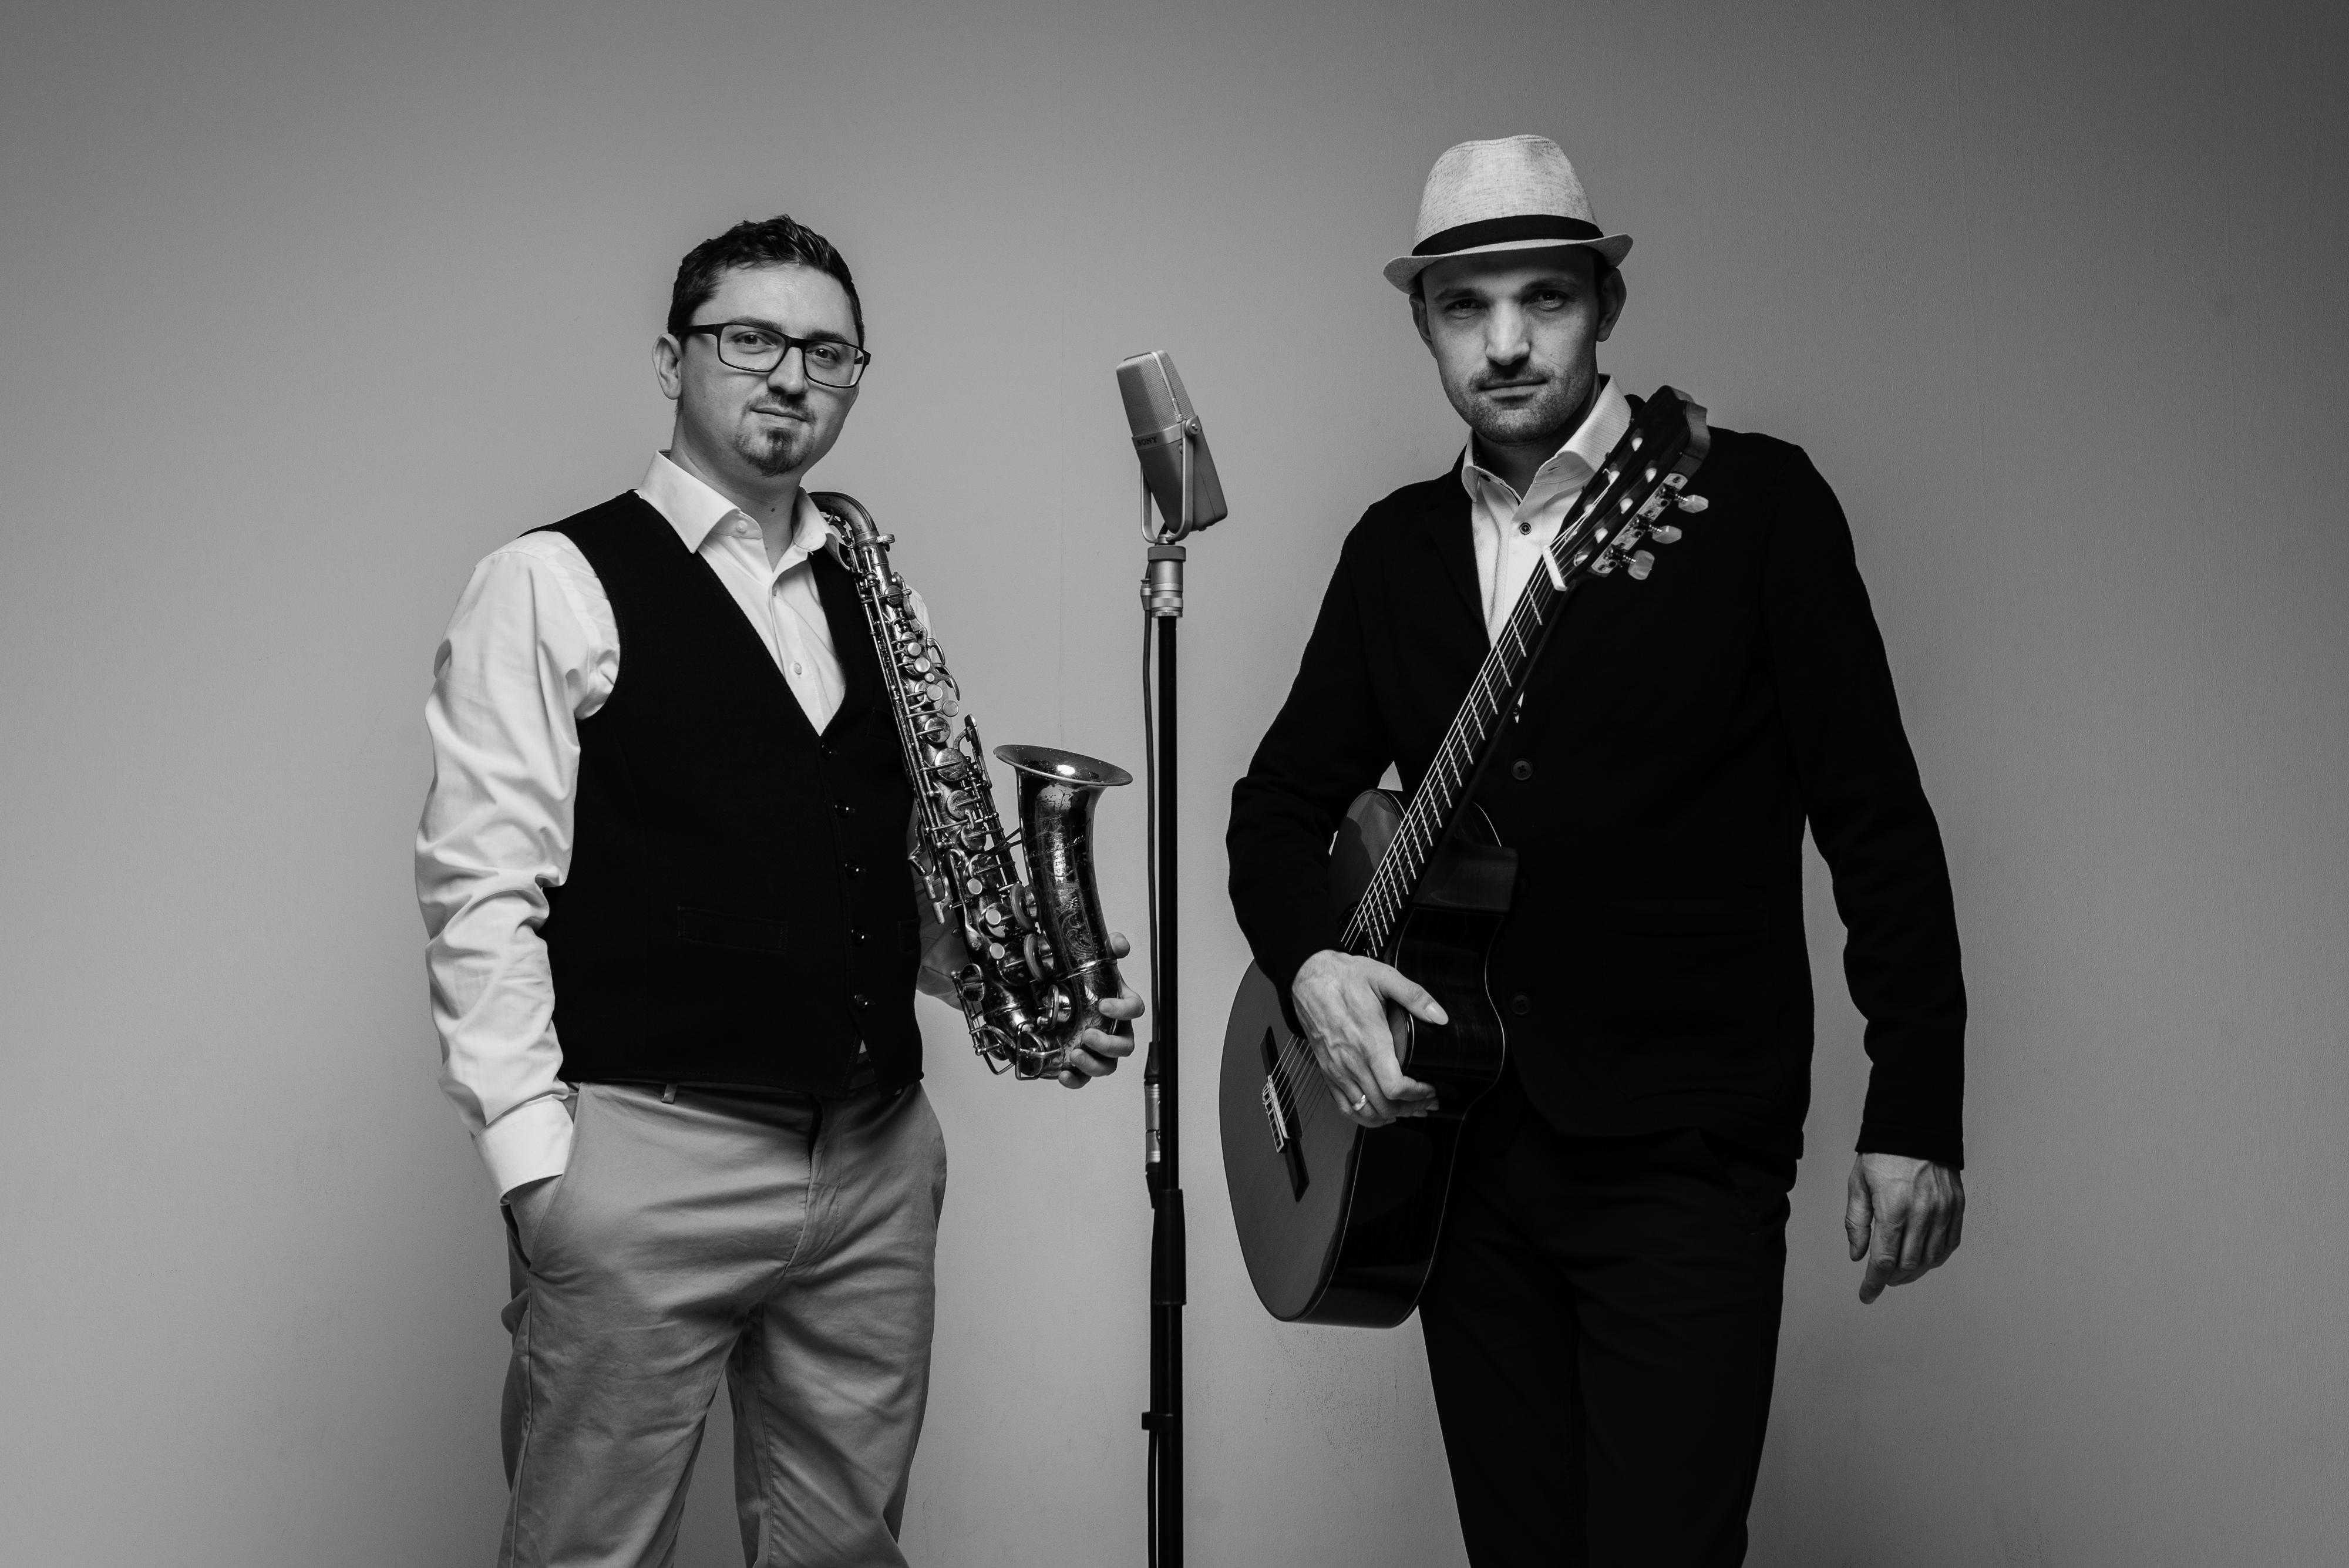 Koschitzkis & Pereira